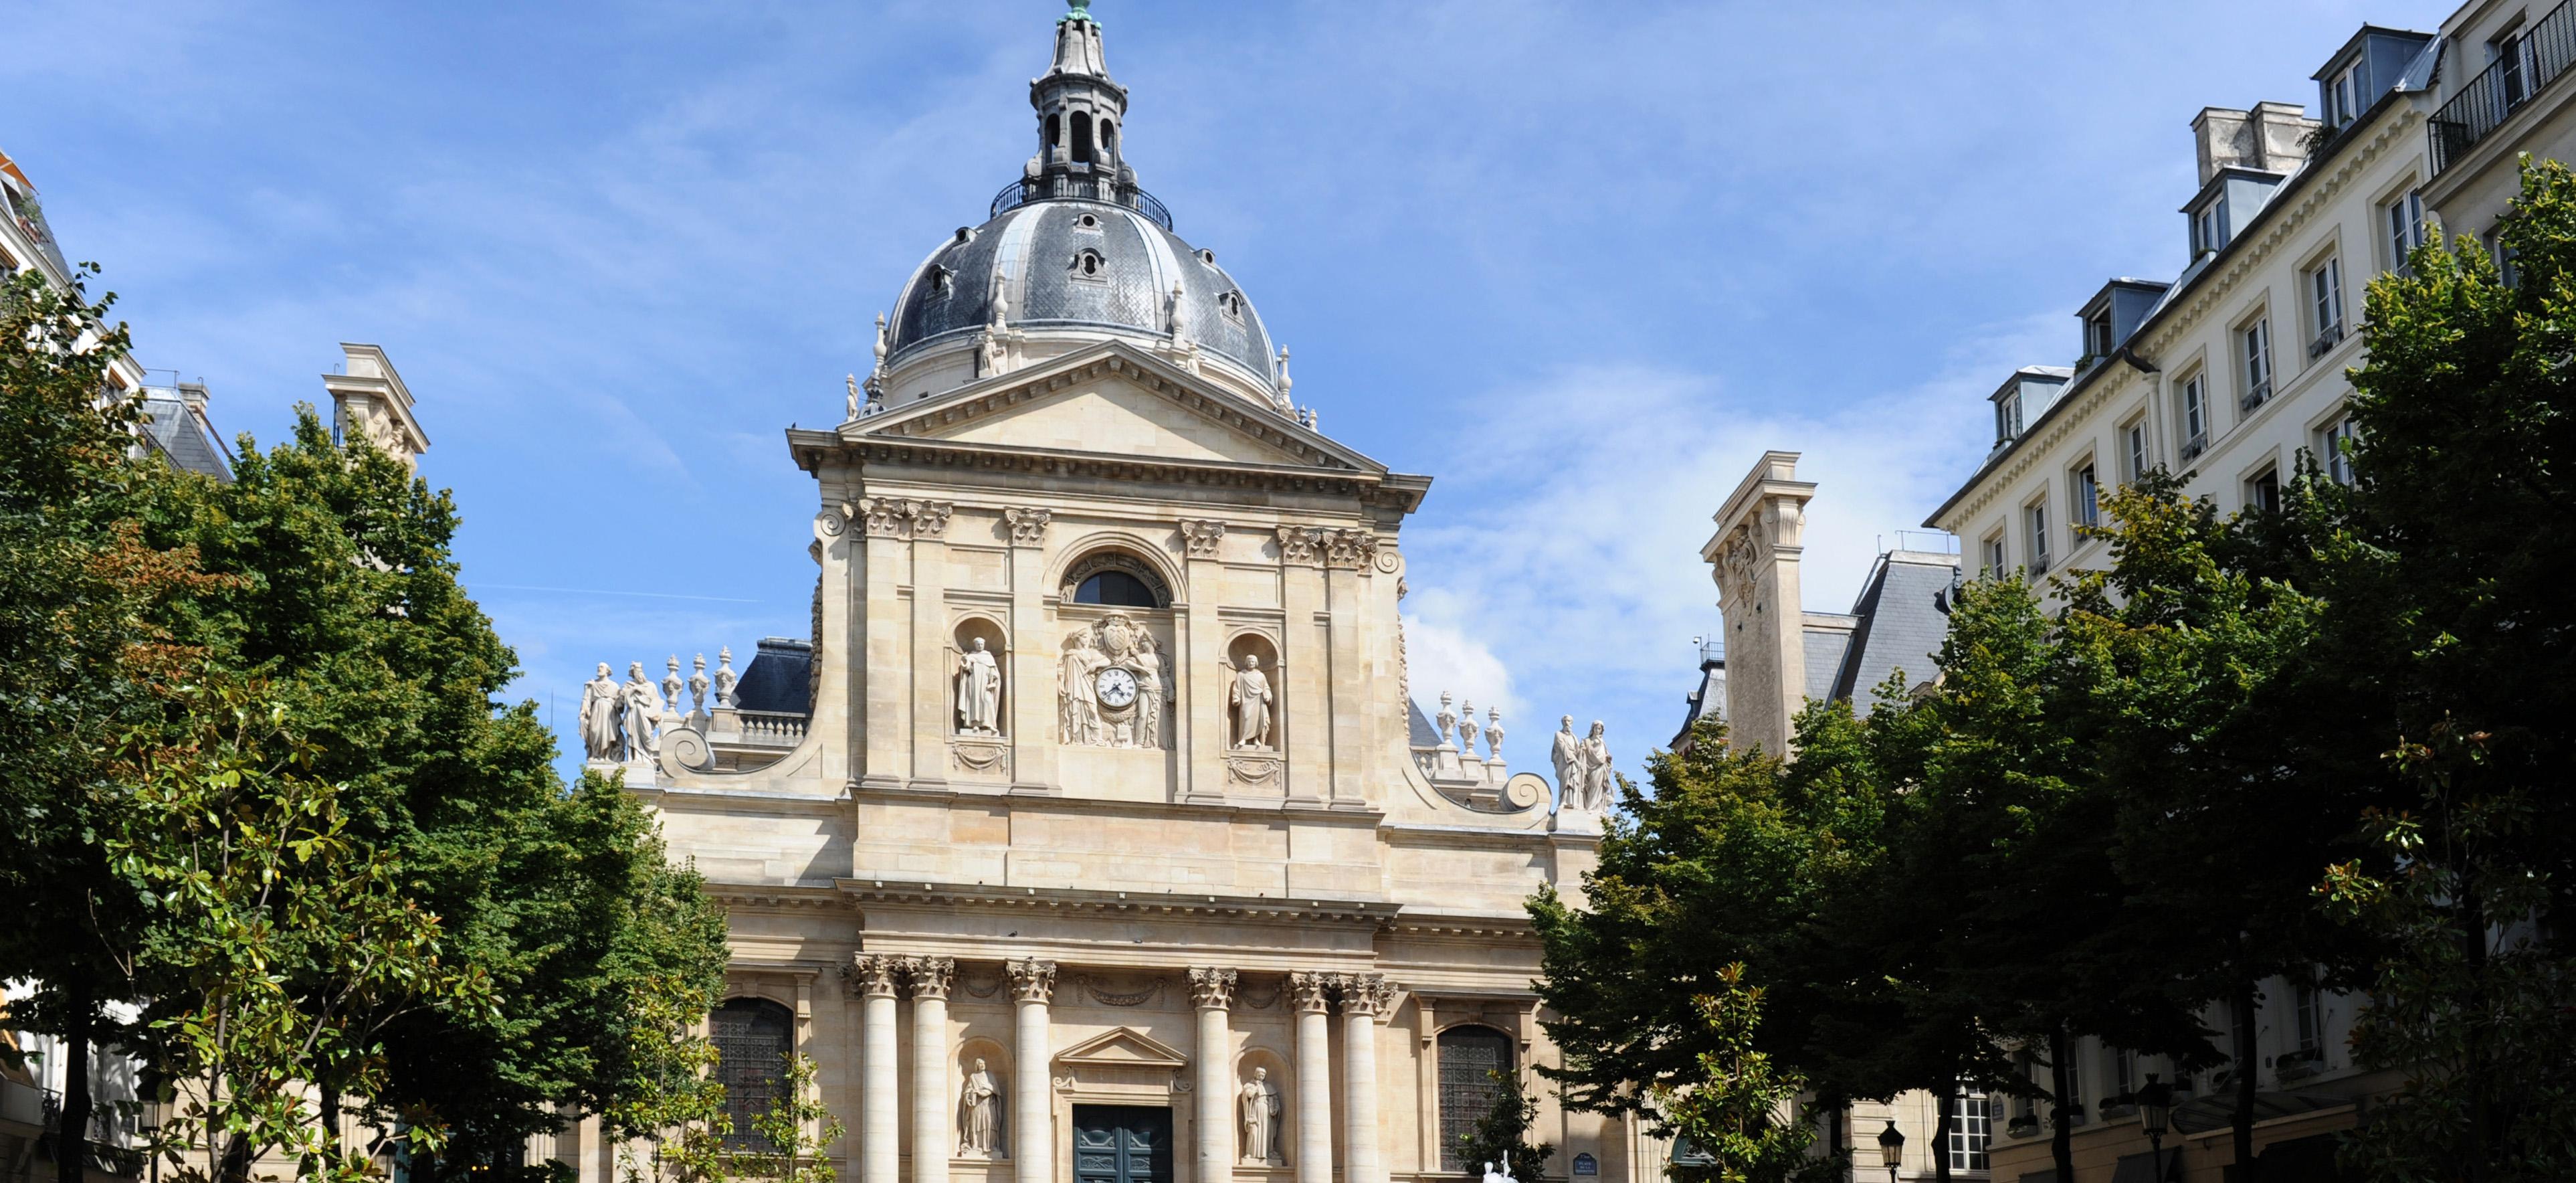 Les universités de Sorbonne et Kyoto lancent un programme de recherche en EQUINOLOGIE